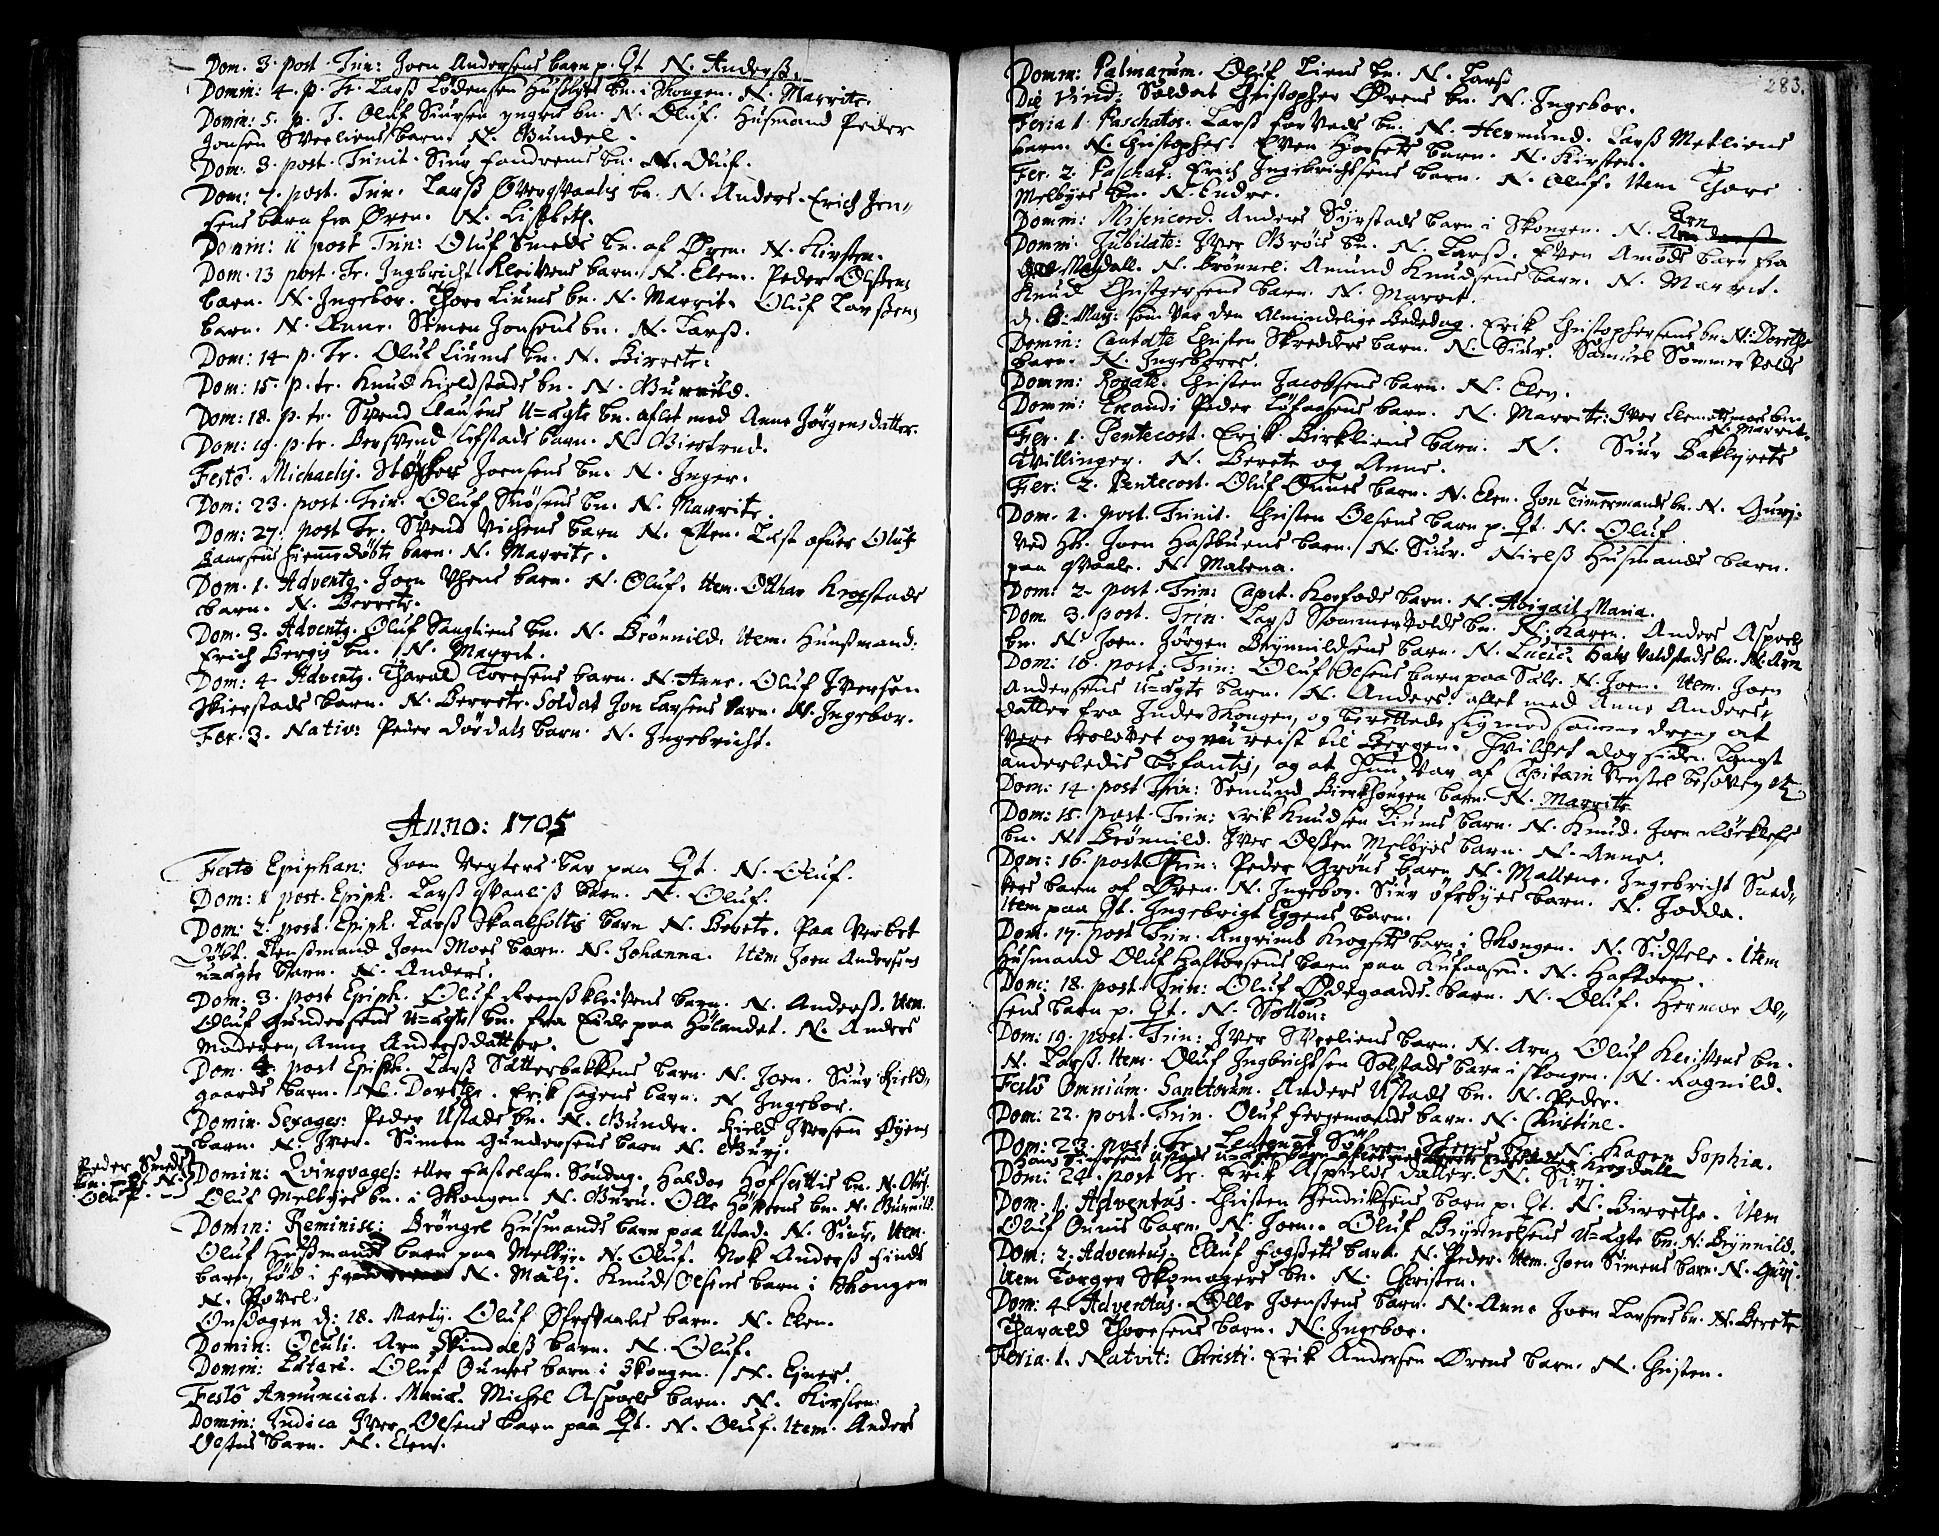 SAT, Ministerialprotokoller, klokkerbøker og fødselsregistre - Sør-Trøndelag, 668/L0801: Ministerialbok nr. 668A01, 1695-1716, s. 282-283